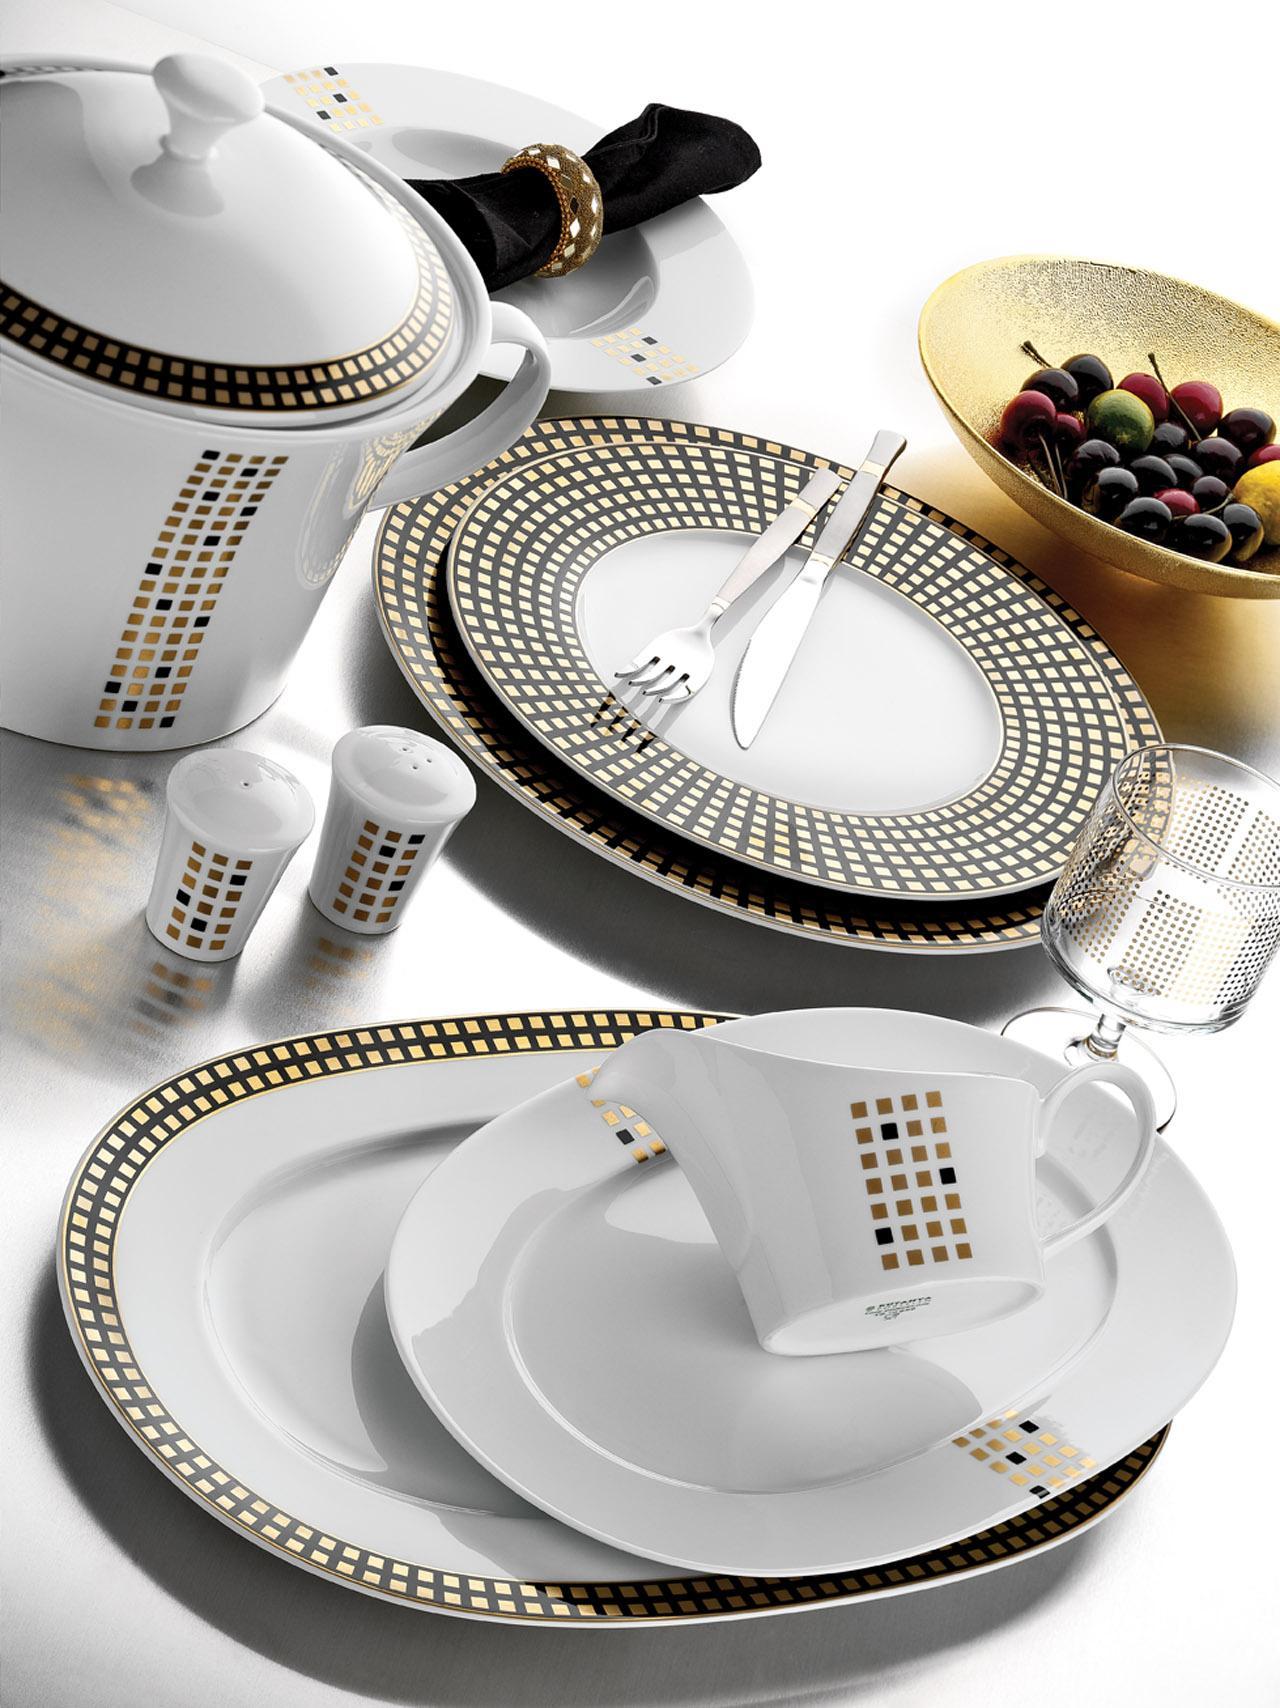 kutahya-porselen-yemek-takimleri-2014